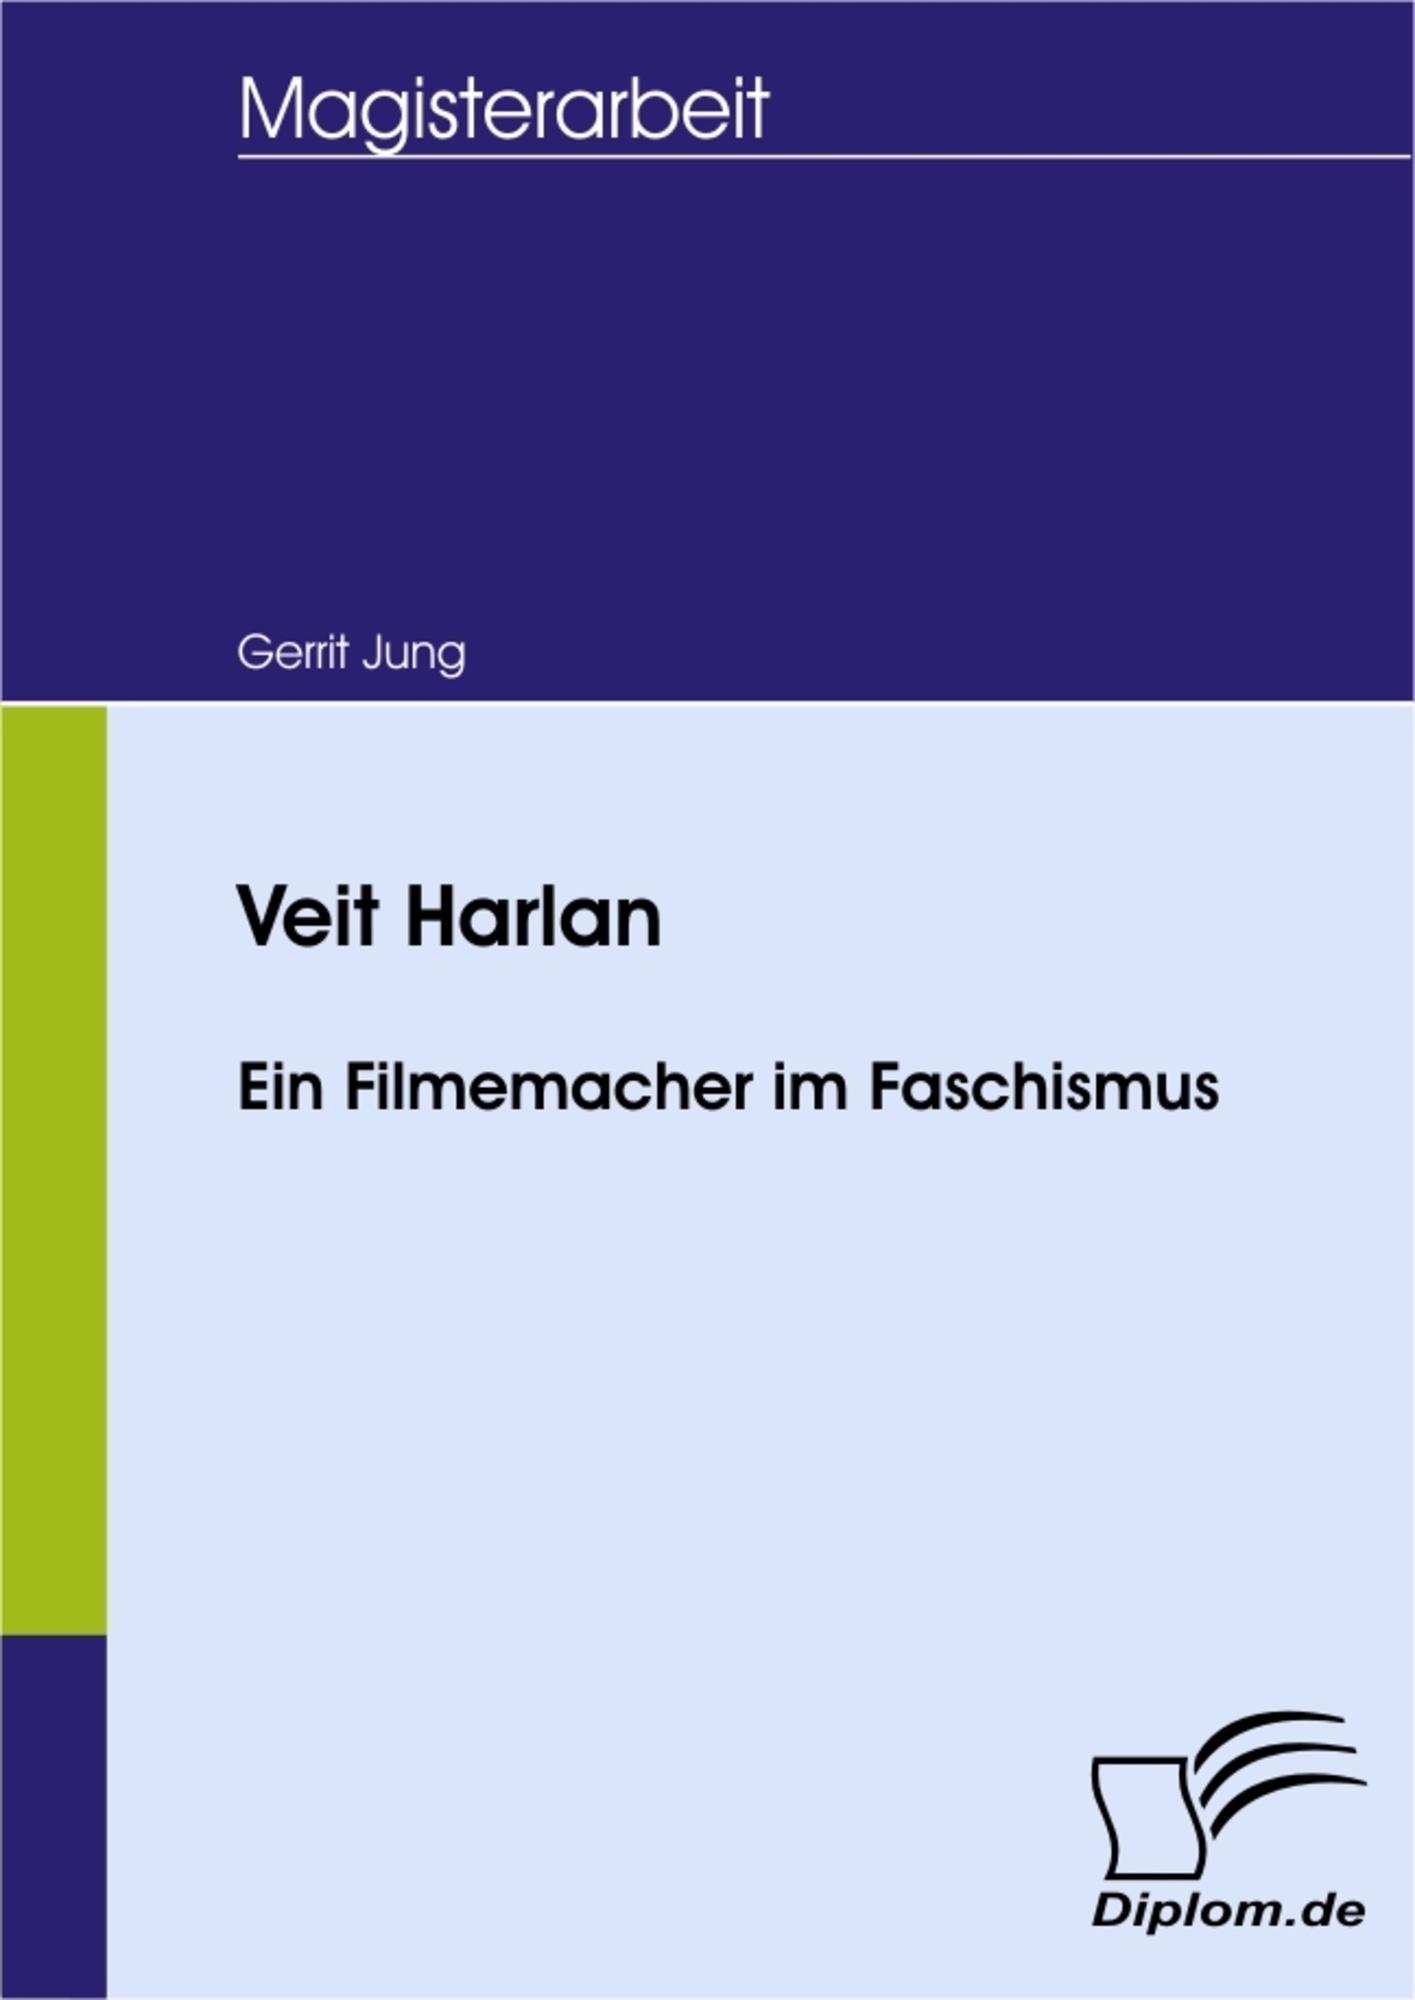 Veit Harlan - Ein Filmemacher im Faschismus